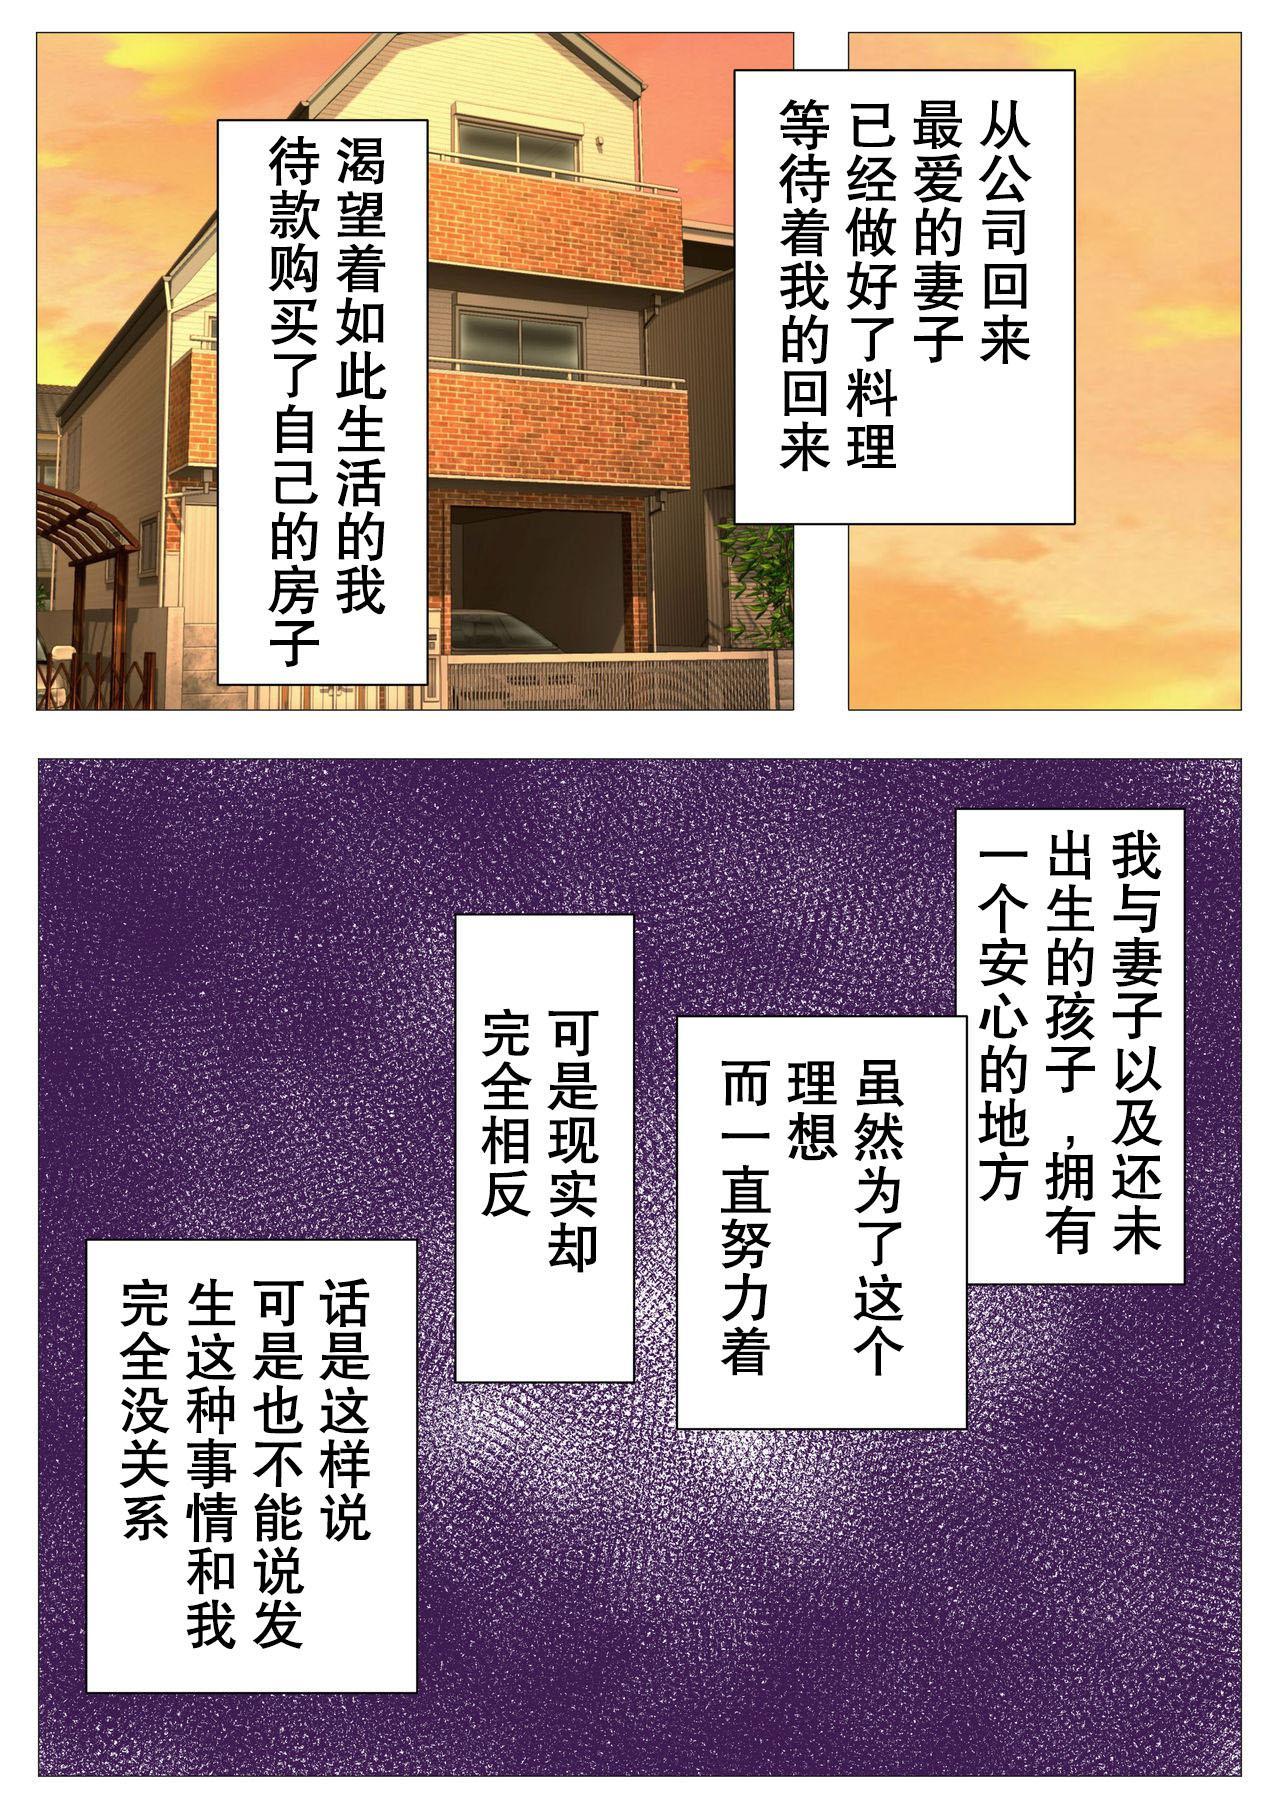 [W no Honnou] Shin, Boku no Tsuma to Kyokon no Moto AV Danyuu Buchou[Chinese]【不可视汉化】 2